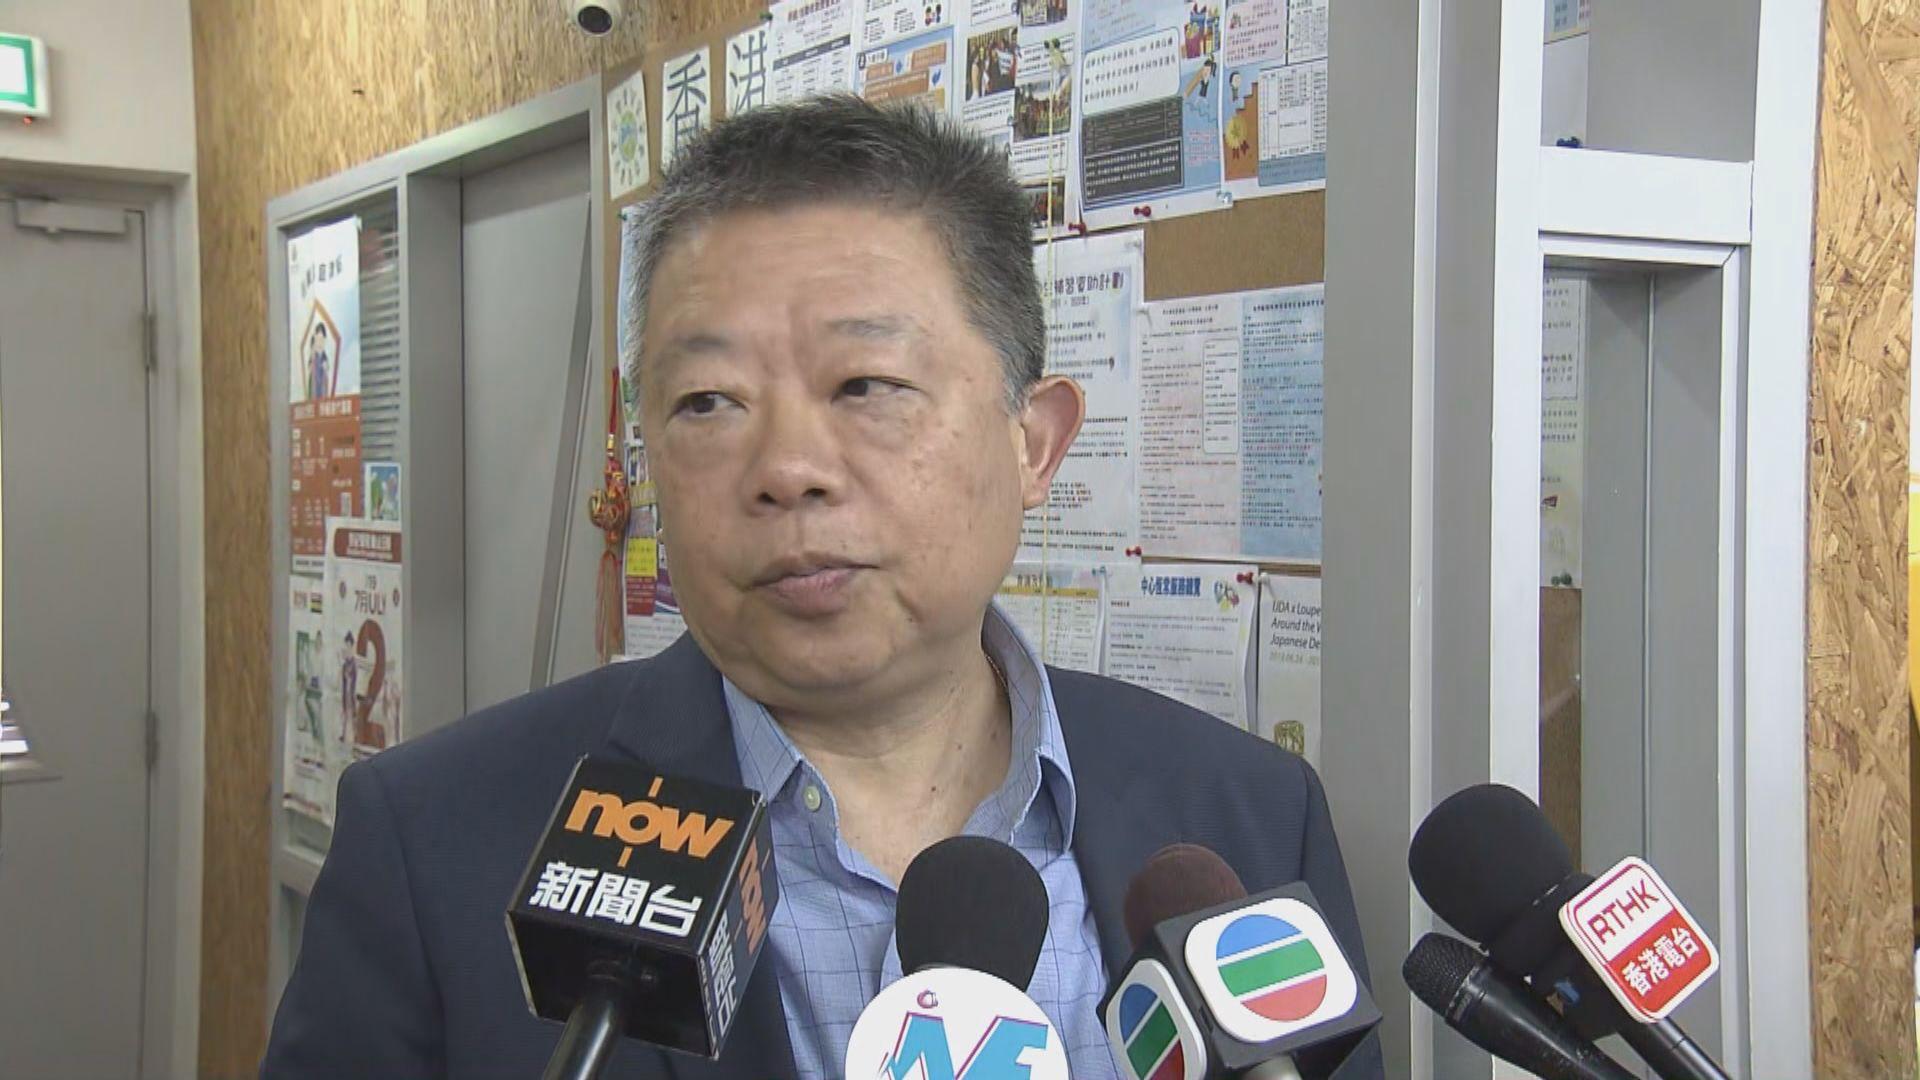 朱敏健:現行制度有效處理警方涉示威投訴